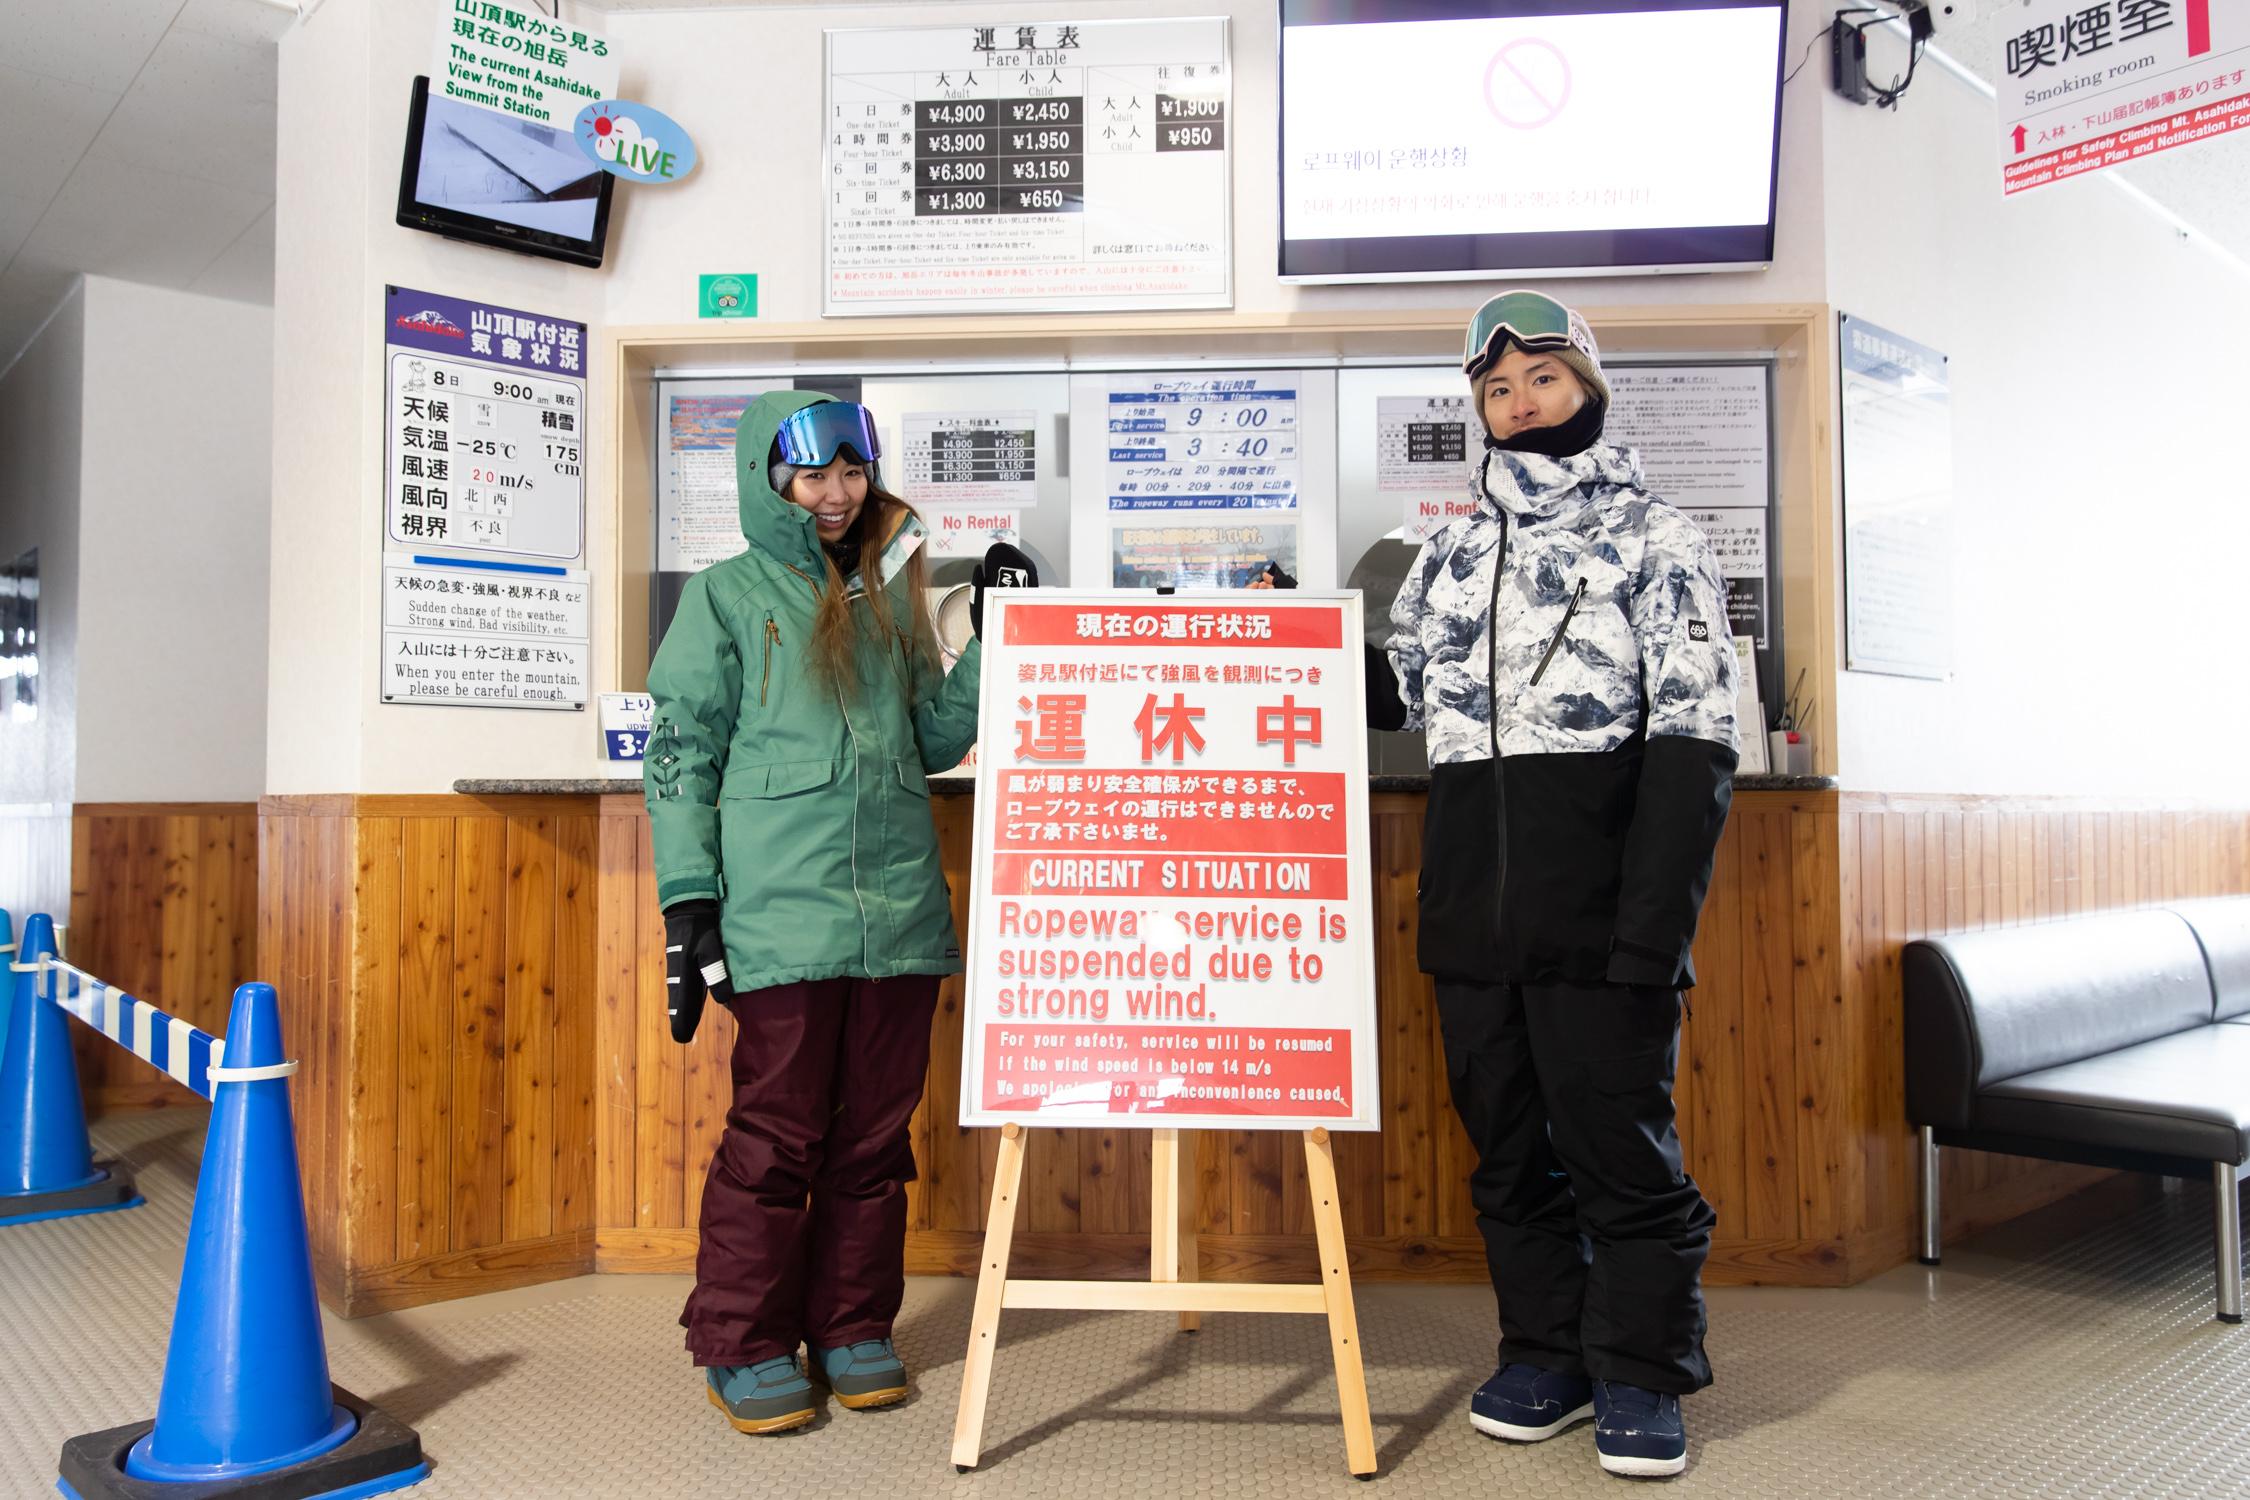 チケット売り場の運休の看板。左に山頂駅付近気象状況には気温ー25℃、風速20m/sの表示がある。